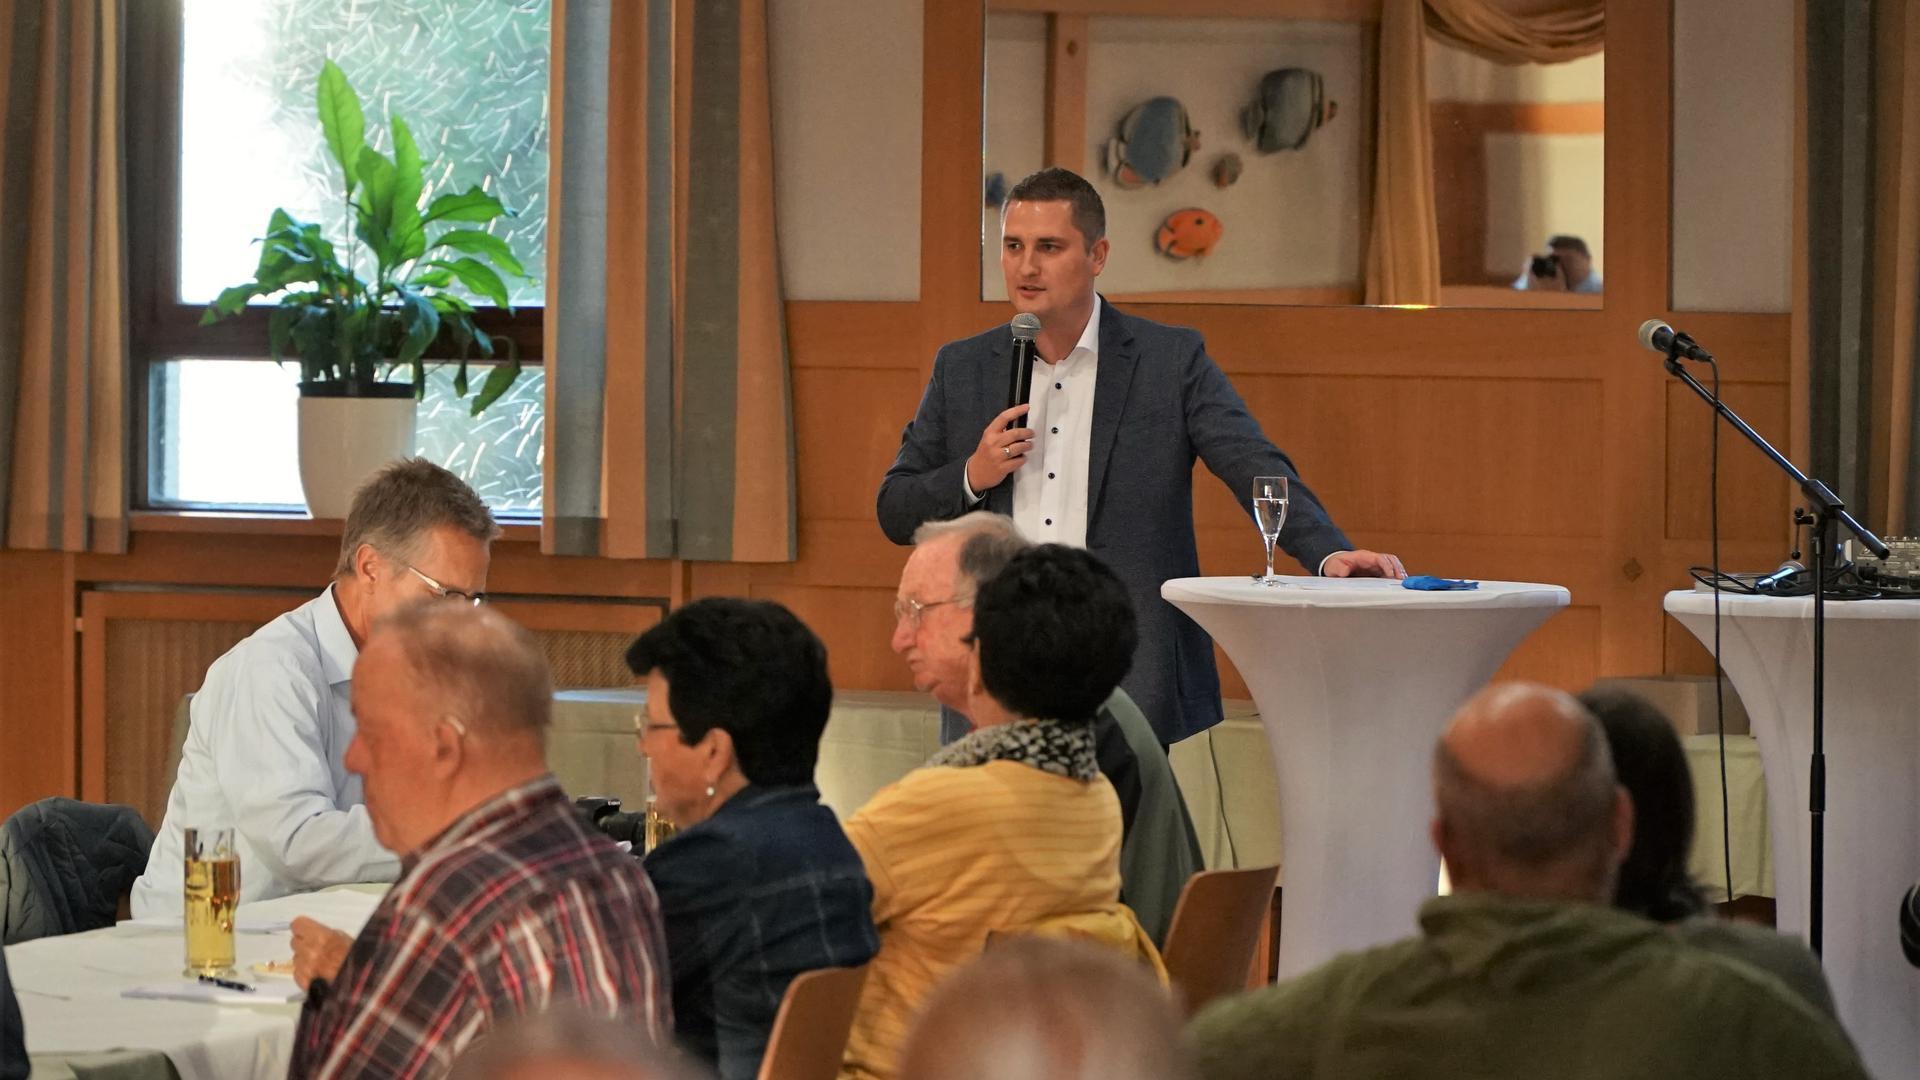 Gut besucht: Der erste Informationsabend von Bürgermeisterkandidat Toni Hoffarth stieß auf großes Interesse in der Bevölkerung. Knapp eine Stunde stellt er sich und seine Ideen vor.